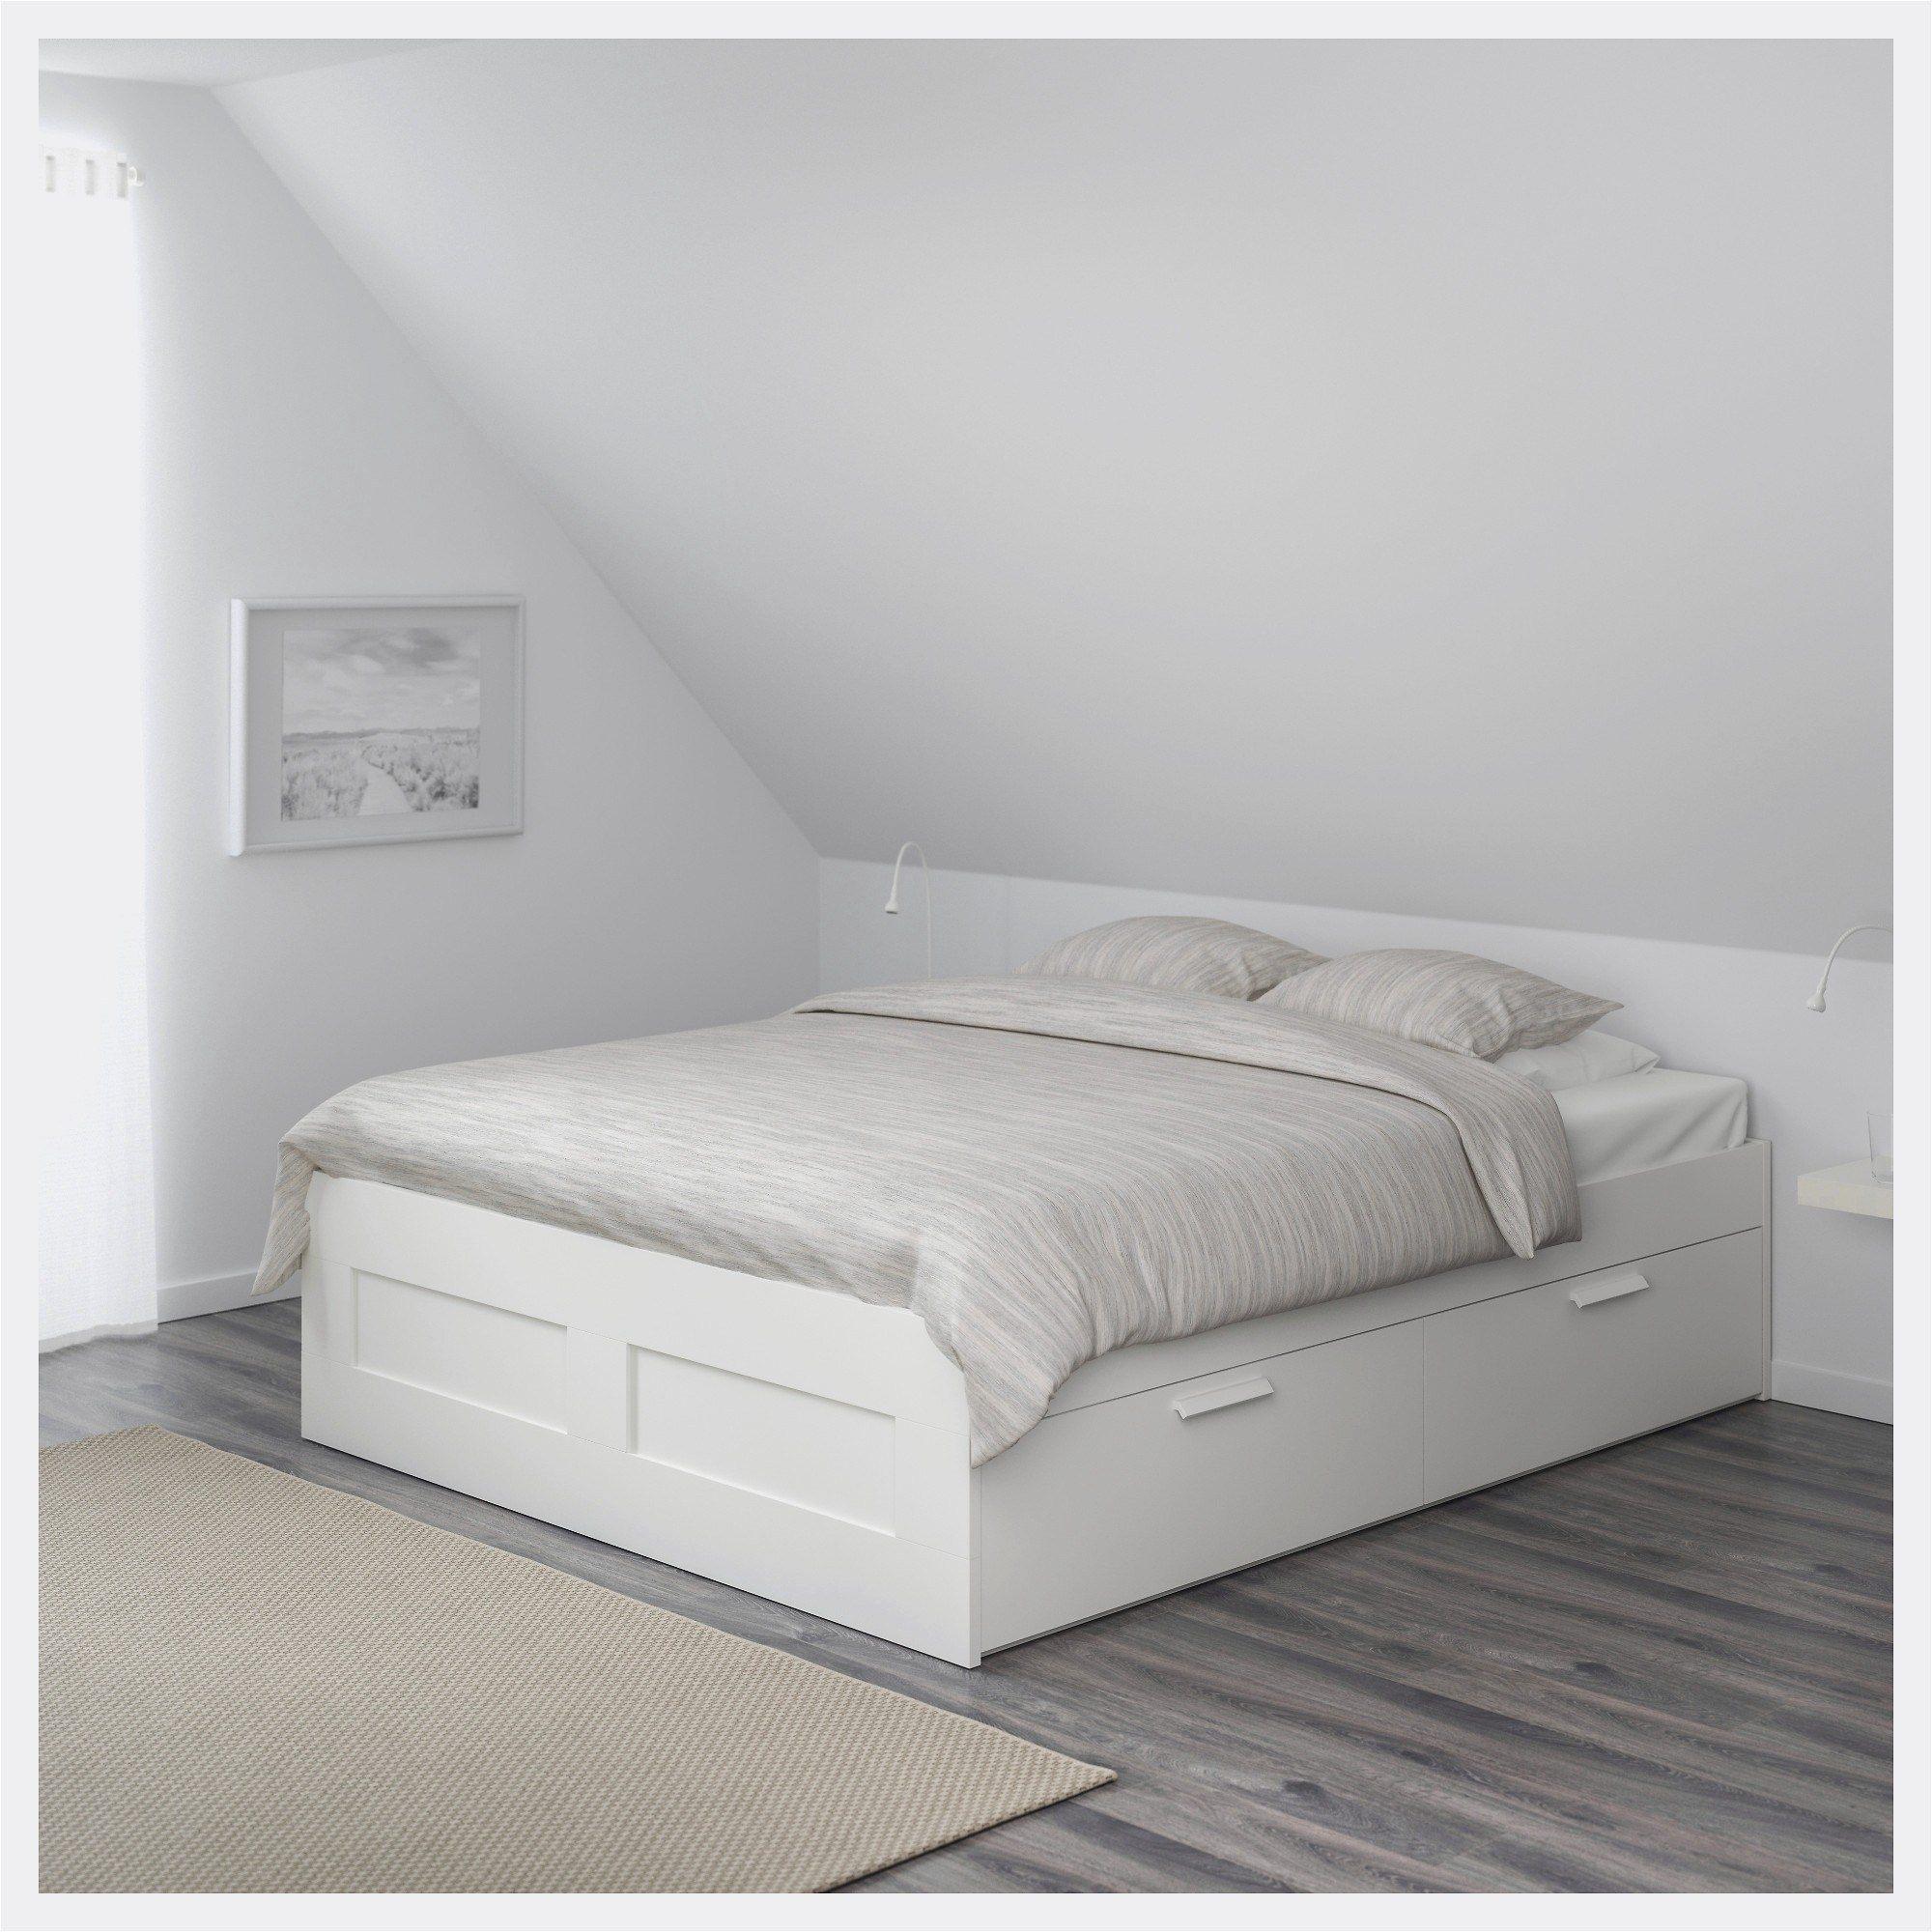 Tete De Lit Avec Chevet Intégré Ikea Inspiré Tete De Lit Gain De Place